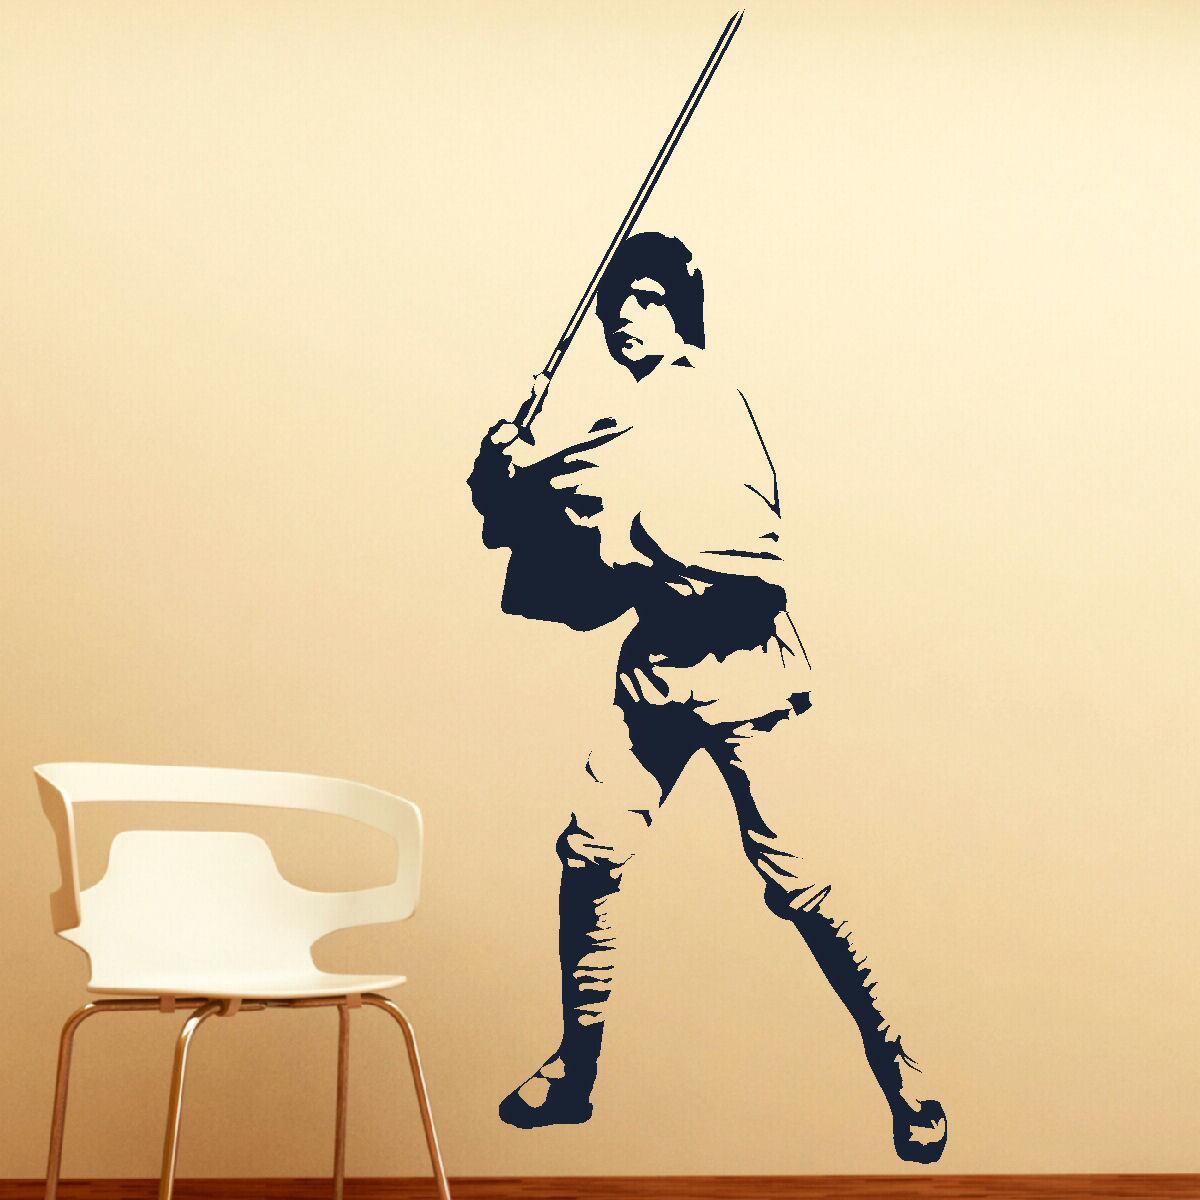 LARGE LUKE SKYWALKER STAR WARS > 6FT! WALL ART BEDROOM MURAL GIANT ...